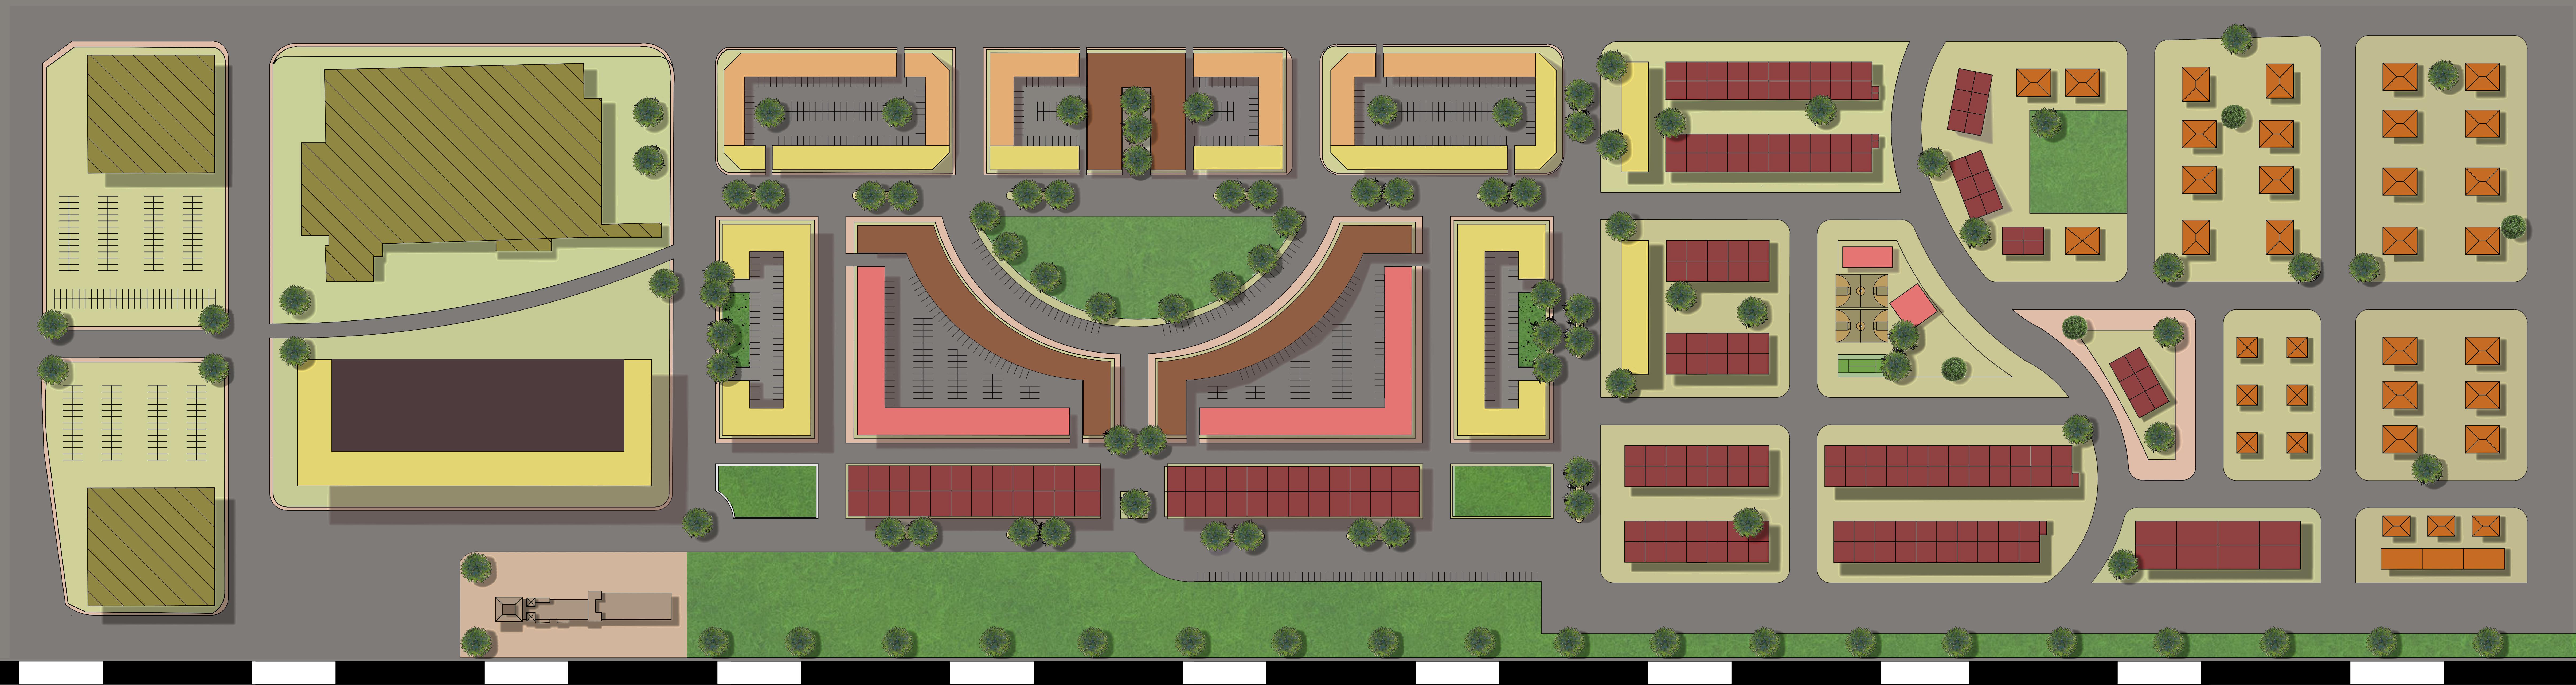 site planfinal